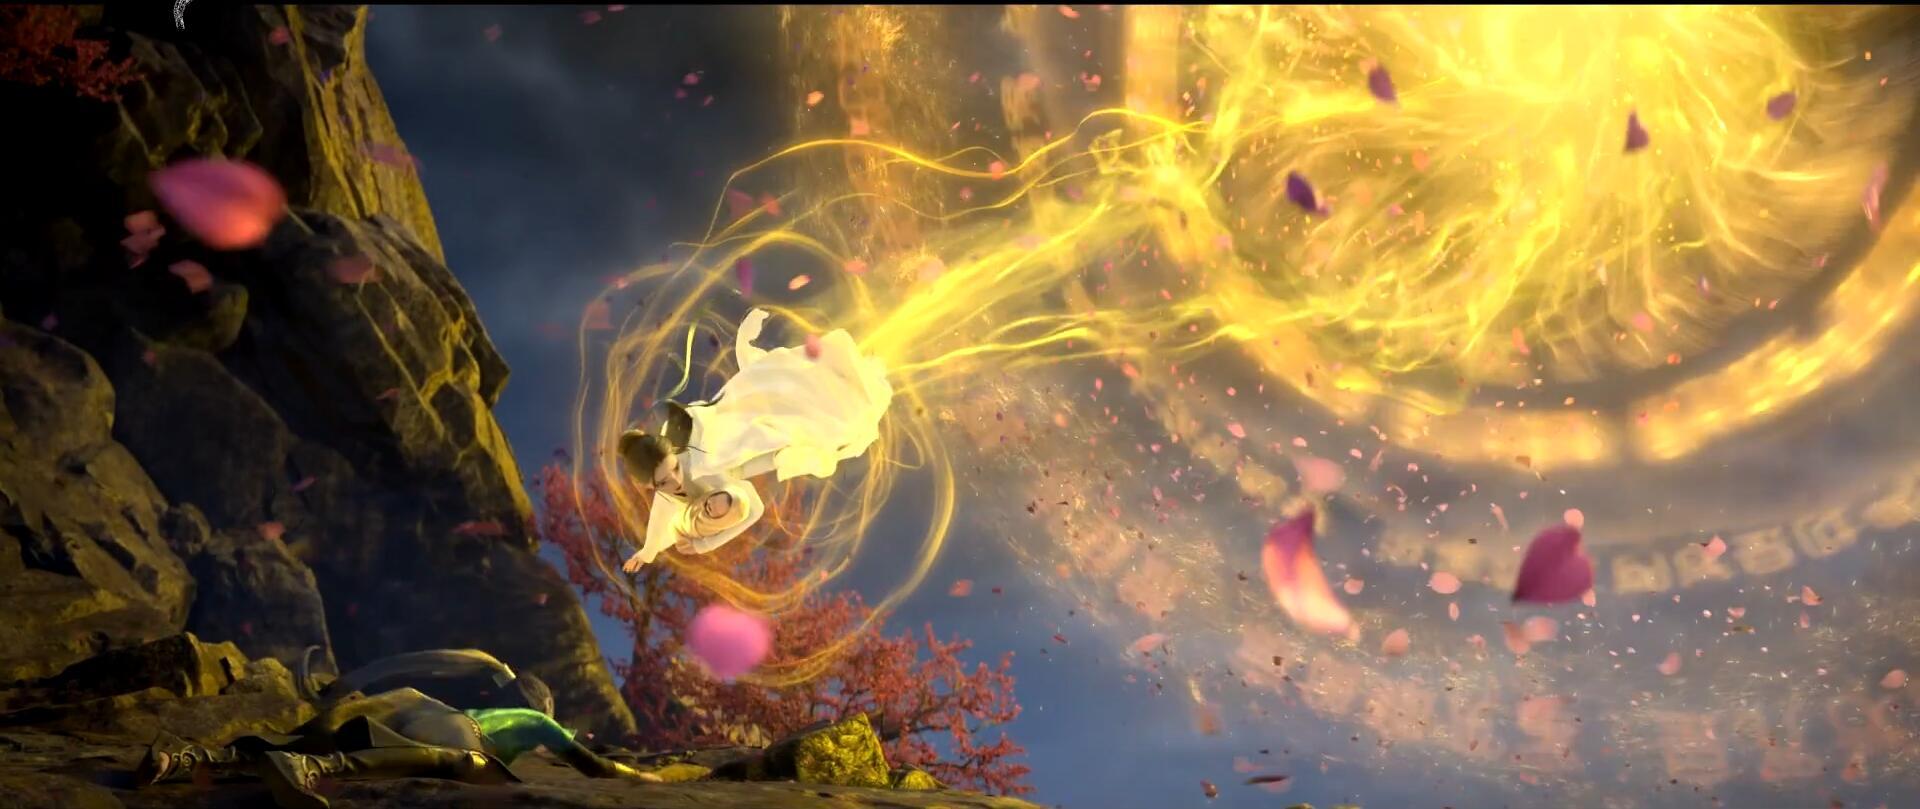 4.7亿票房,9.3分的国漫电影《白蛇:缘起》出续作,原班人马能否再造国漫奇迹?-小柚妹站